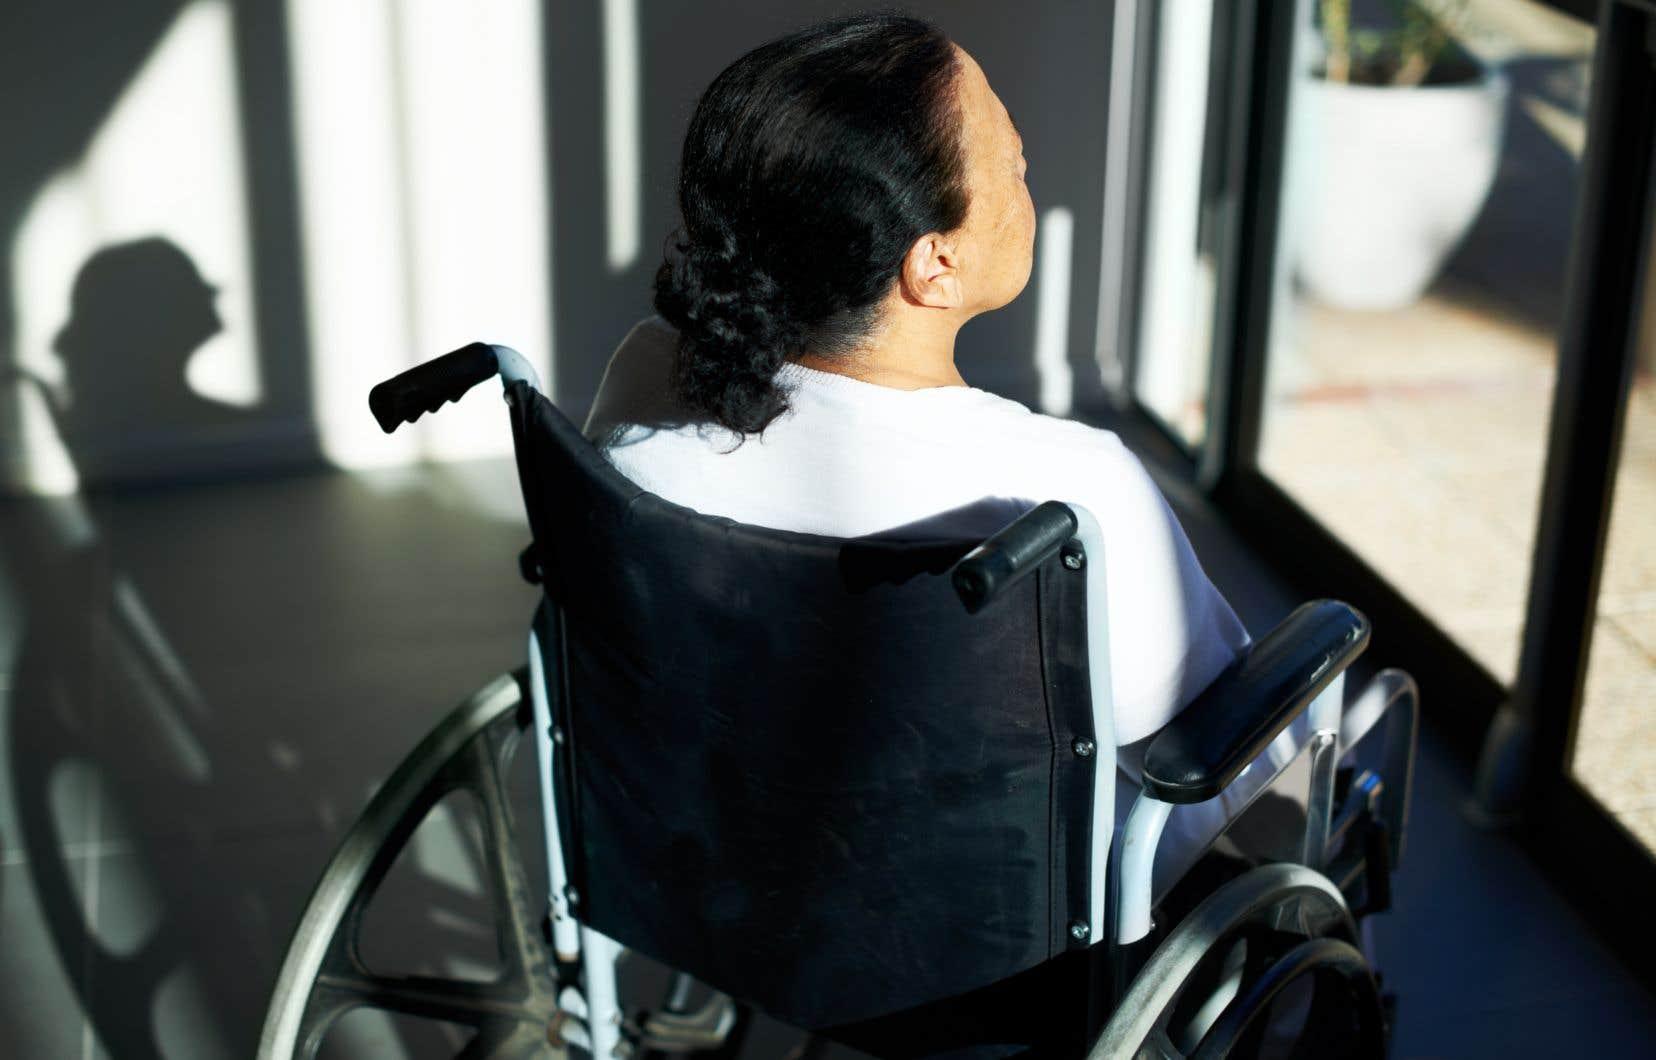 Les programmes permettant de réduire les obstacles auxquels font face les personnes handicapées ont connu d'importantes compressions.